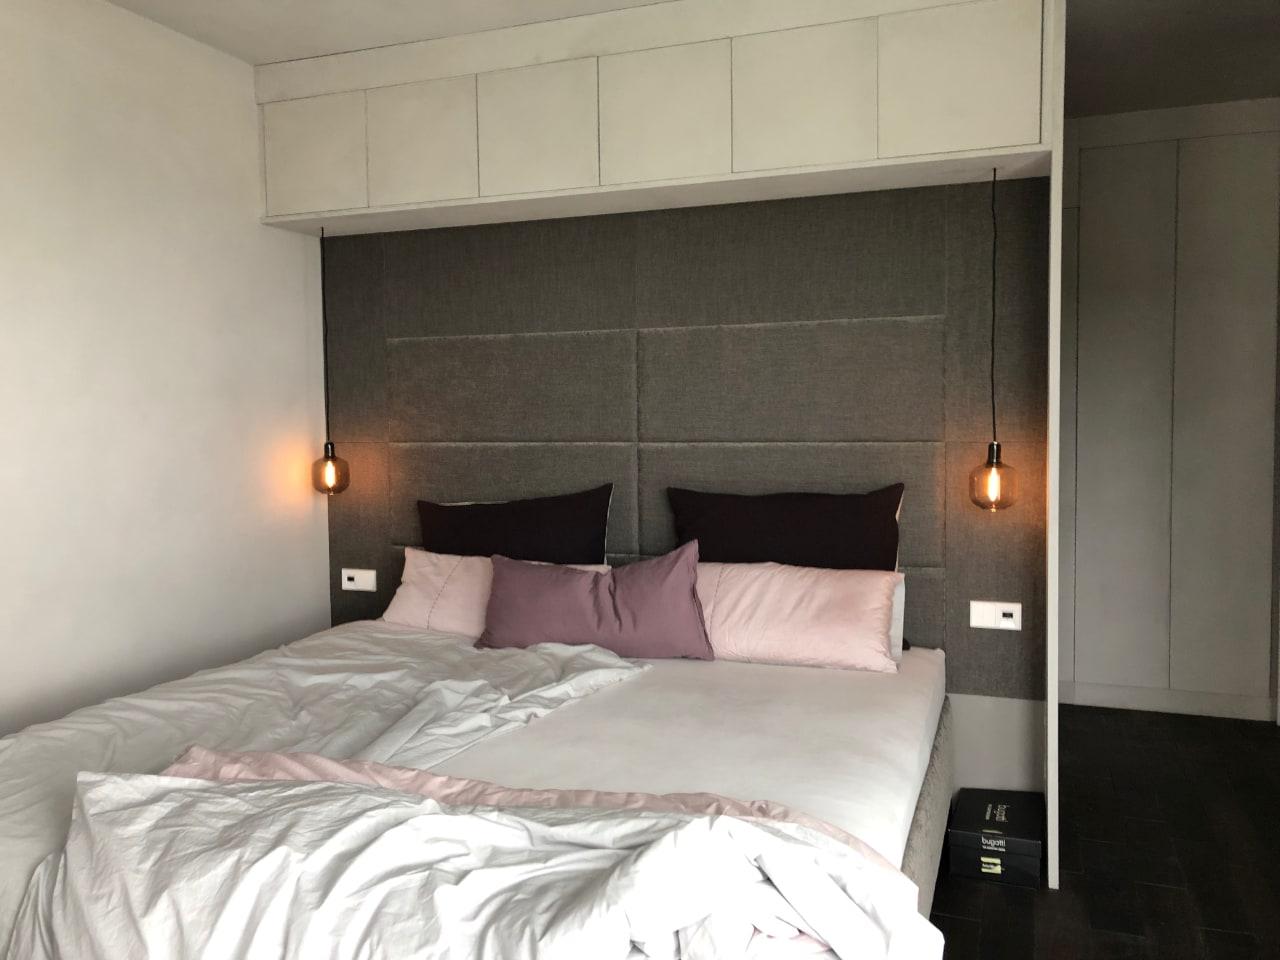 Das Schlafzimmer, mit Hängeleuchten anstatt einer Nachttischleuchte